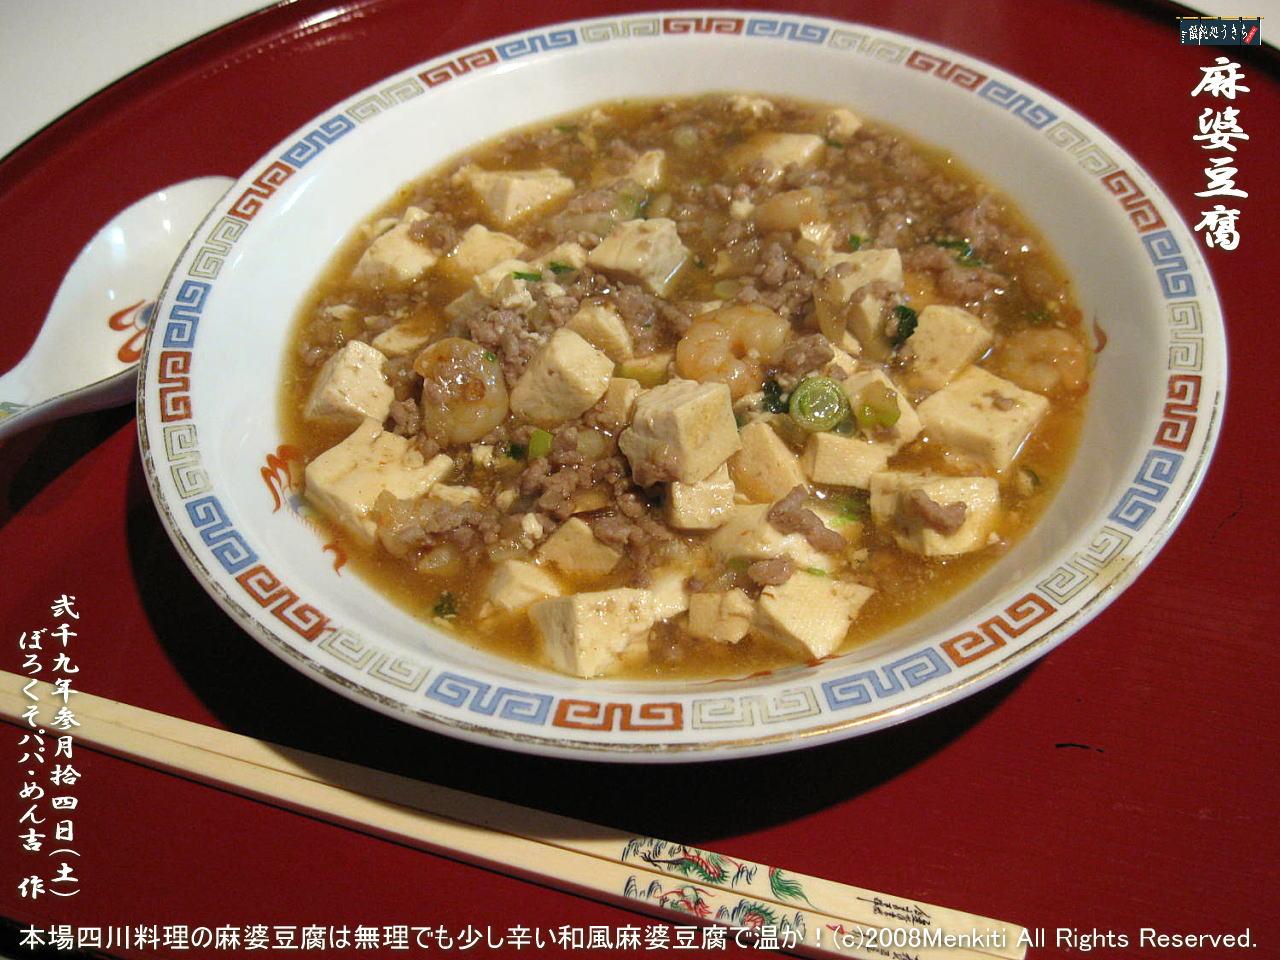 3/14(土)【麻婆豆腐】本場四川料理の麻婆豆腐は無理でも少し辛い和風麻婆豆腐で温か!@キャツピ&めん吉の【ぼろくそパパの独り言】    ▼クリックで1280x960pxlsに拡大します。